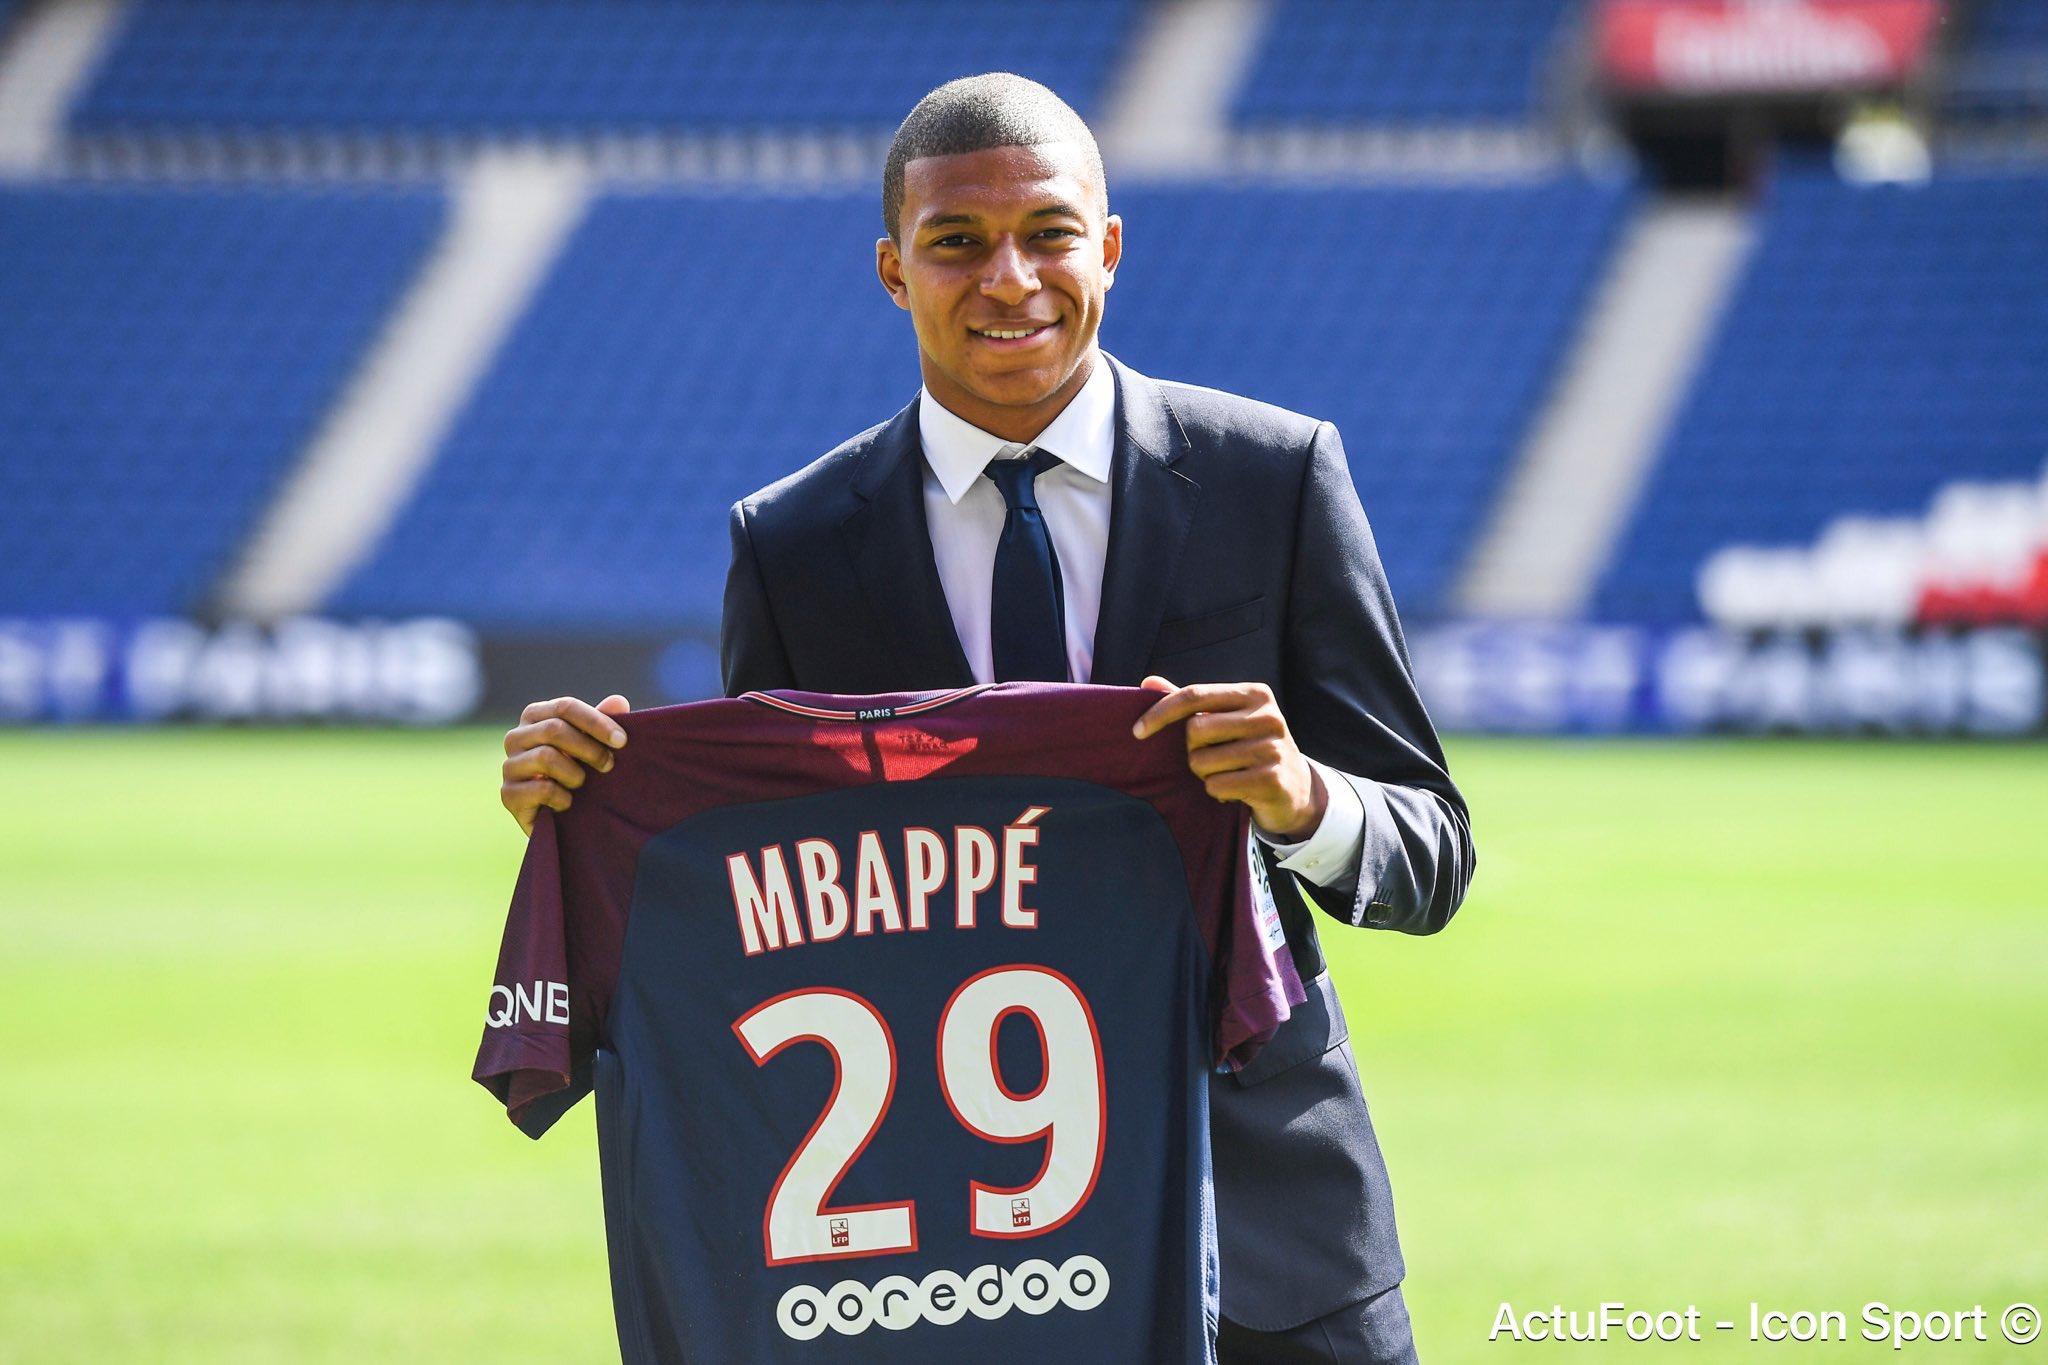 """Corchia """"Ce que fait Mbappé est magnifique...le jeu en Espagne lui irait bien"""""""